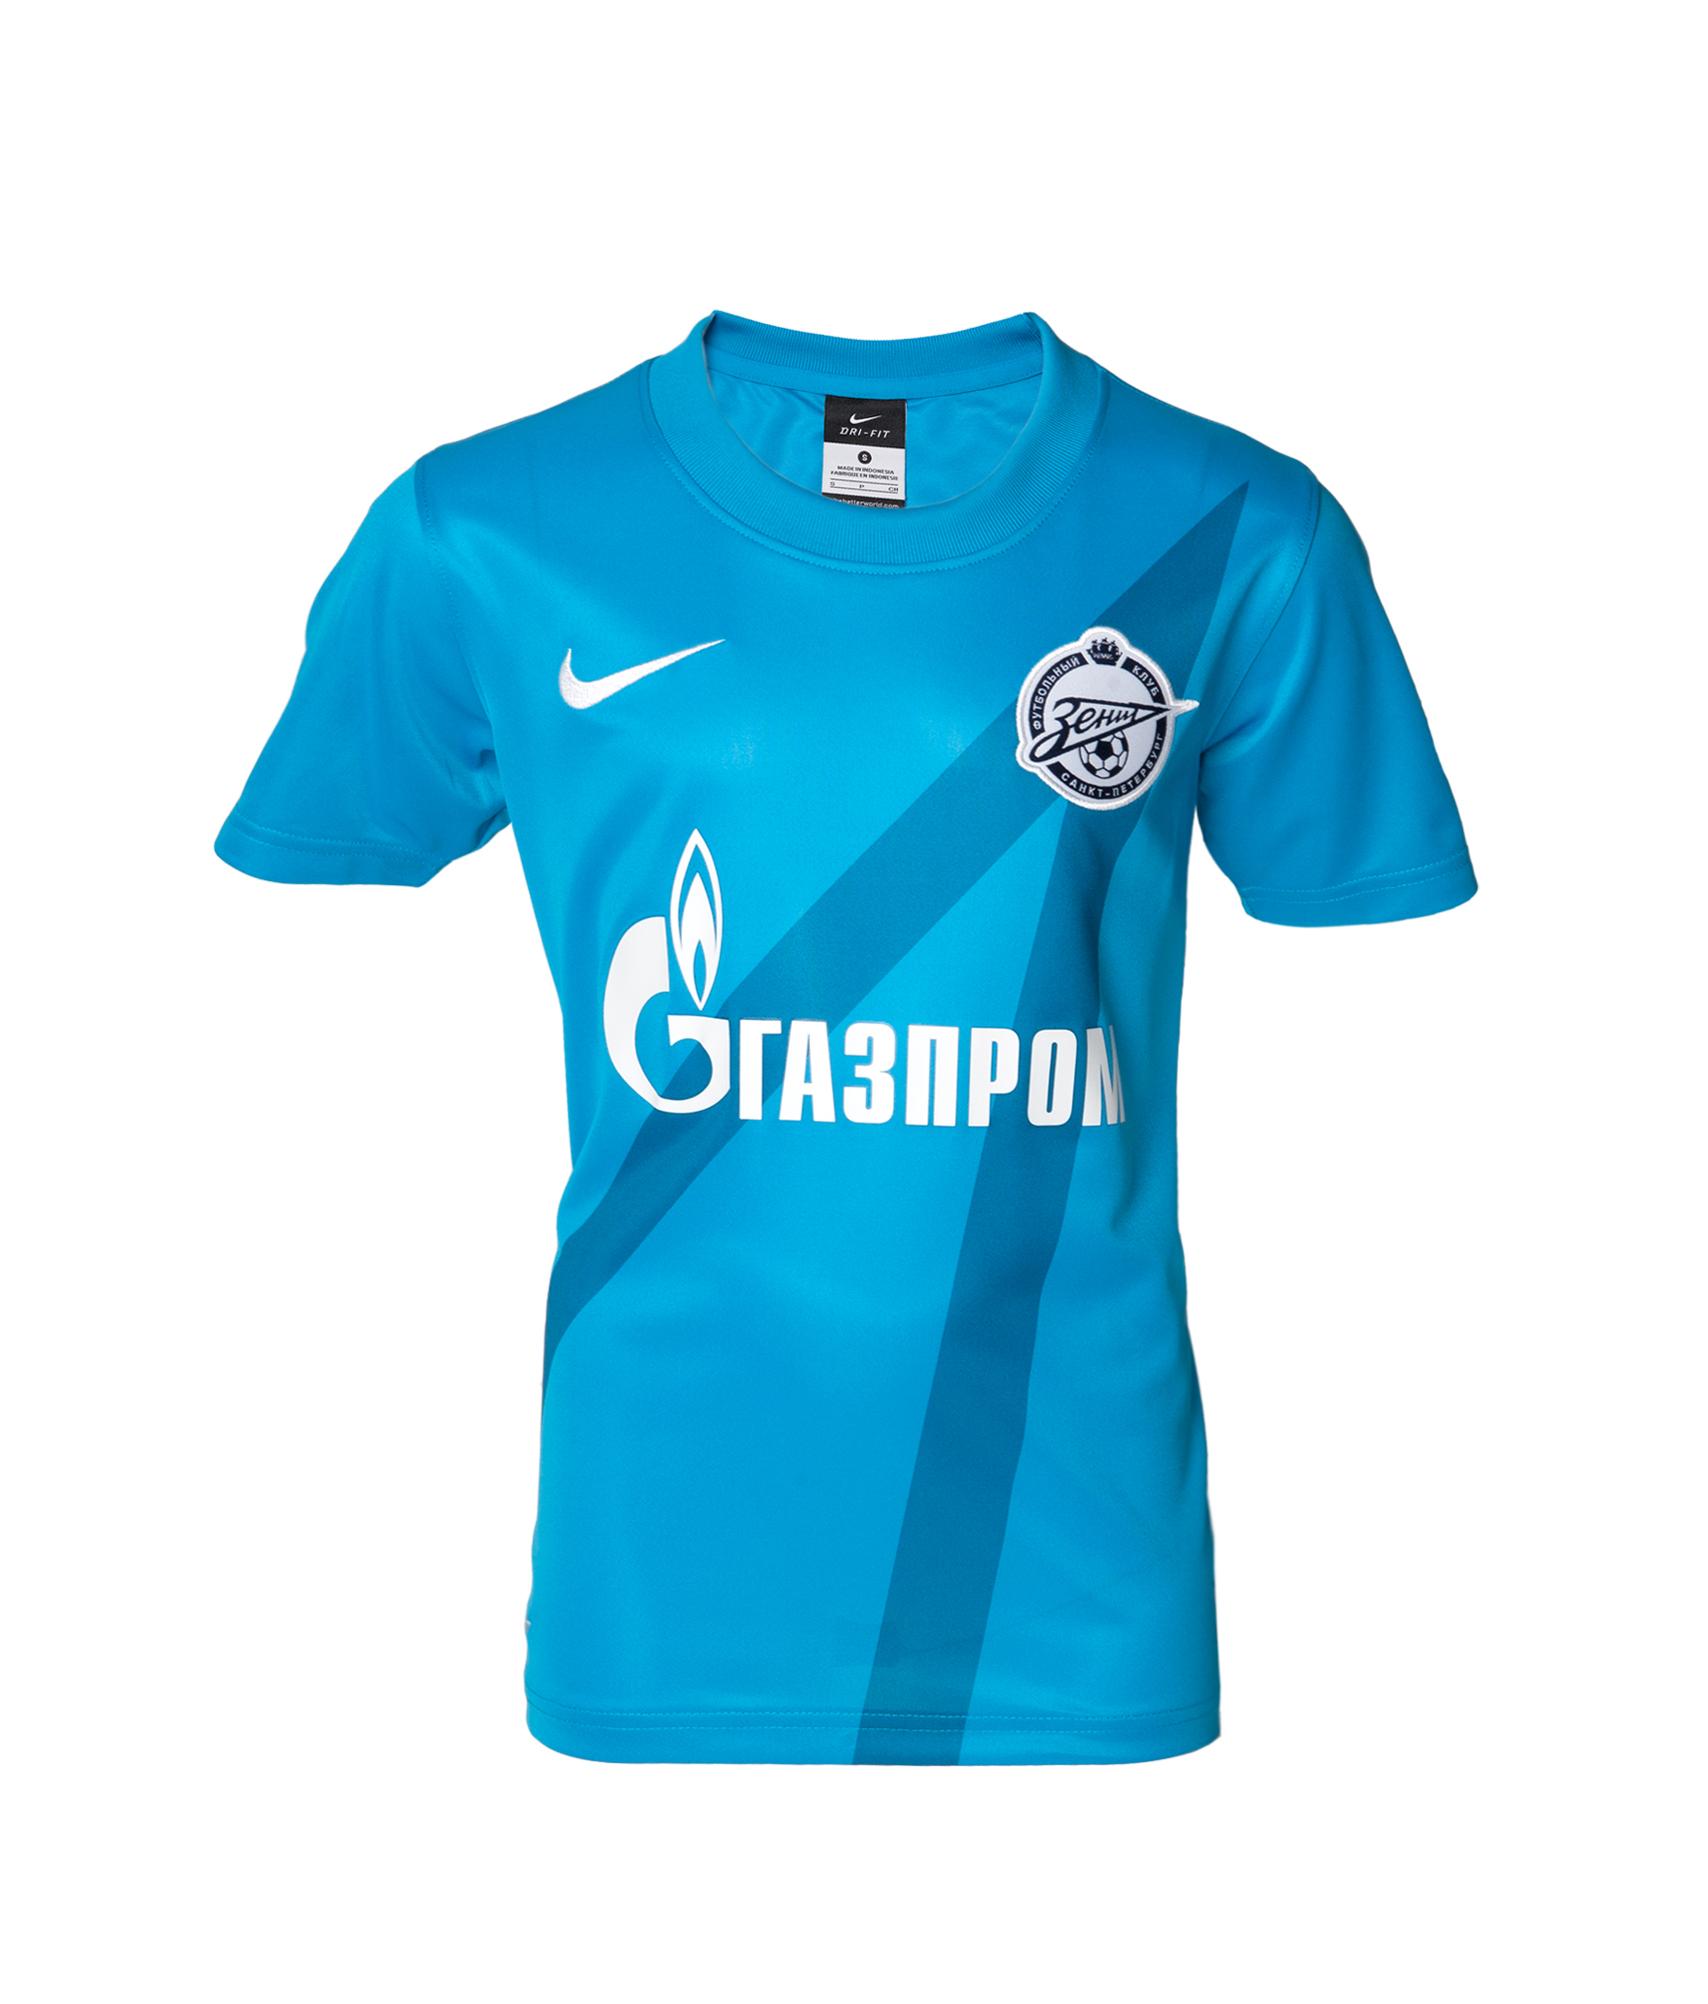 Детская футболка Nike 2012 лазурная, Цвет-Синий, Размер-XS